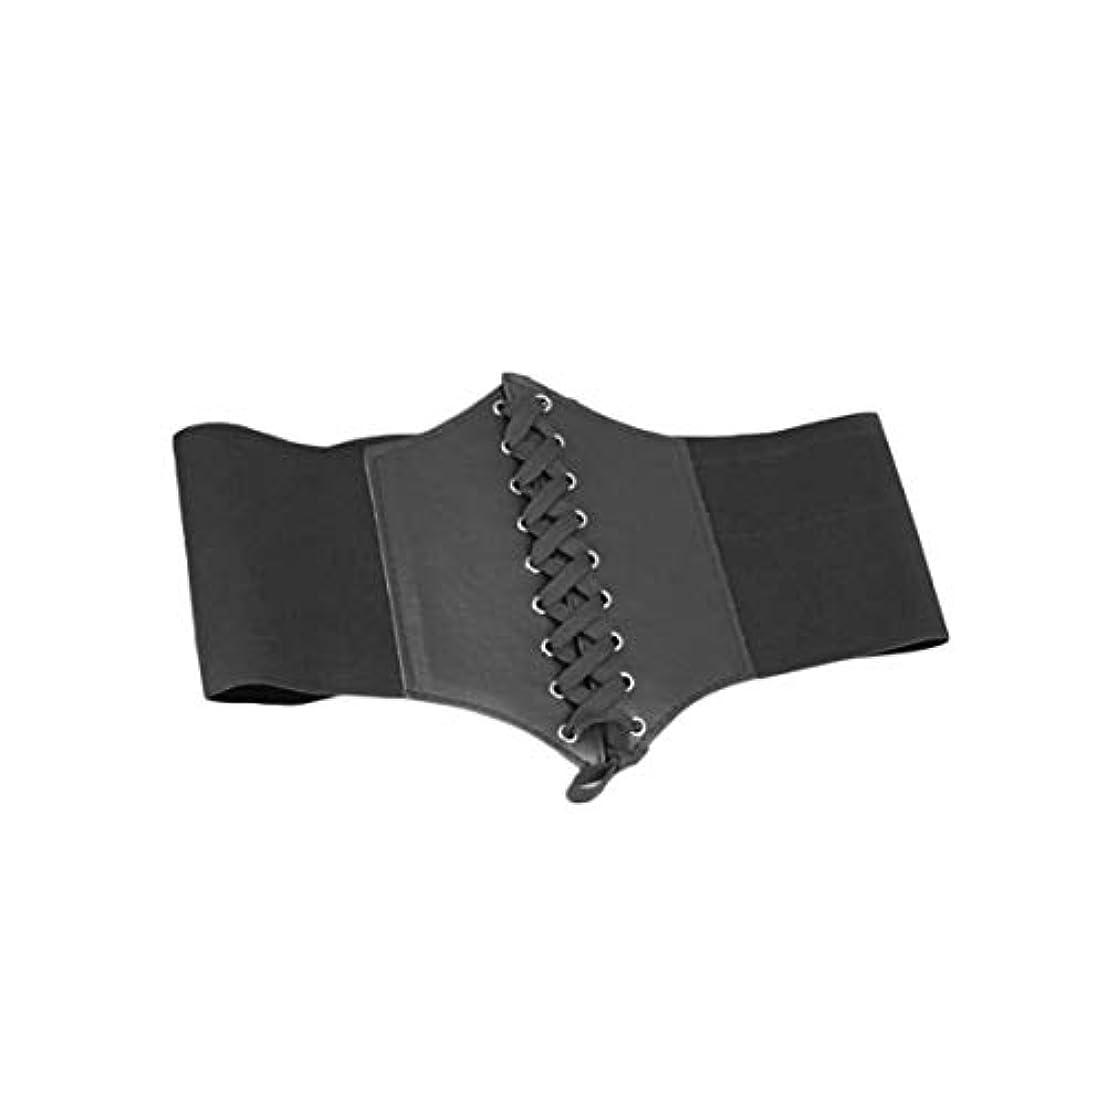 ステンレス上狂う女性ヴィンテージソリッドベルトウエストニッパーレースアップコルセット包帯ハイストレッチ調節可能なネクタイワイドウエストバンド用女性 - 黒